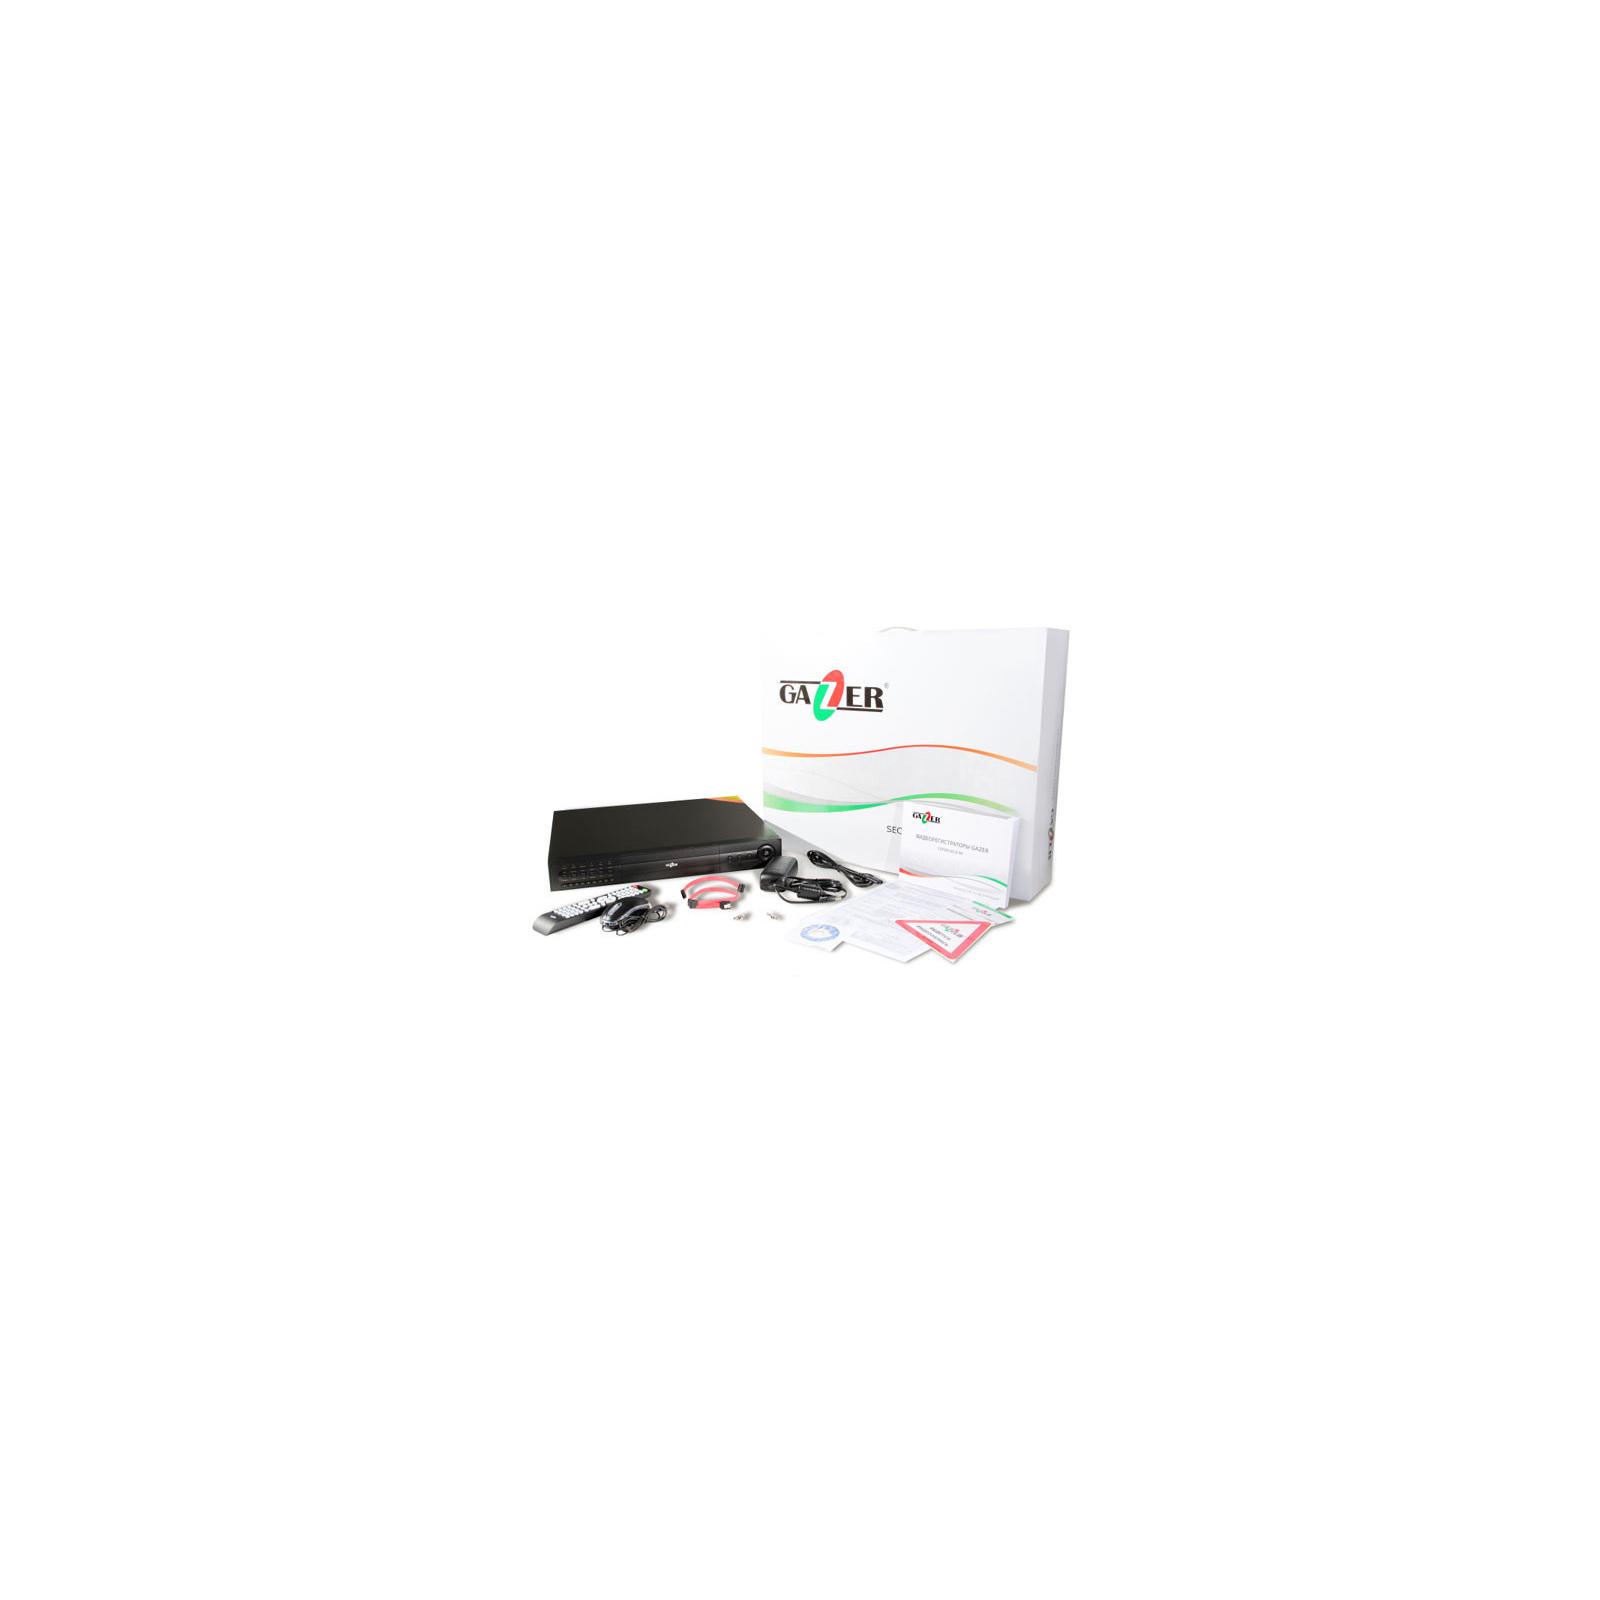 Регистратор для видеонаблюдения Gazer NS2208re изображение 10